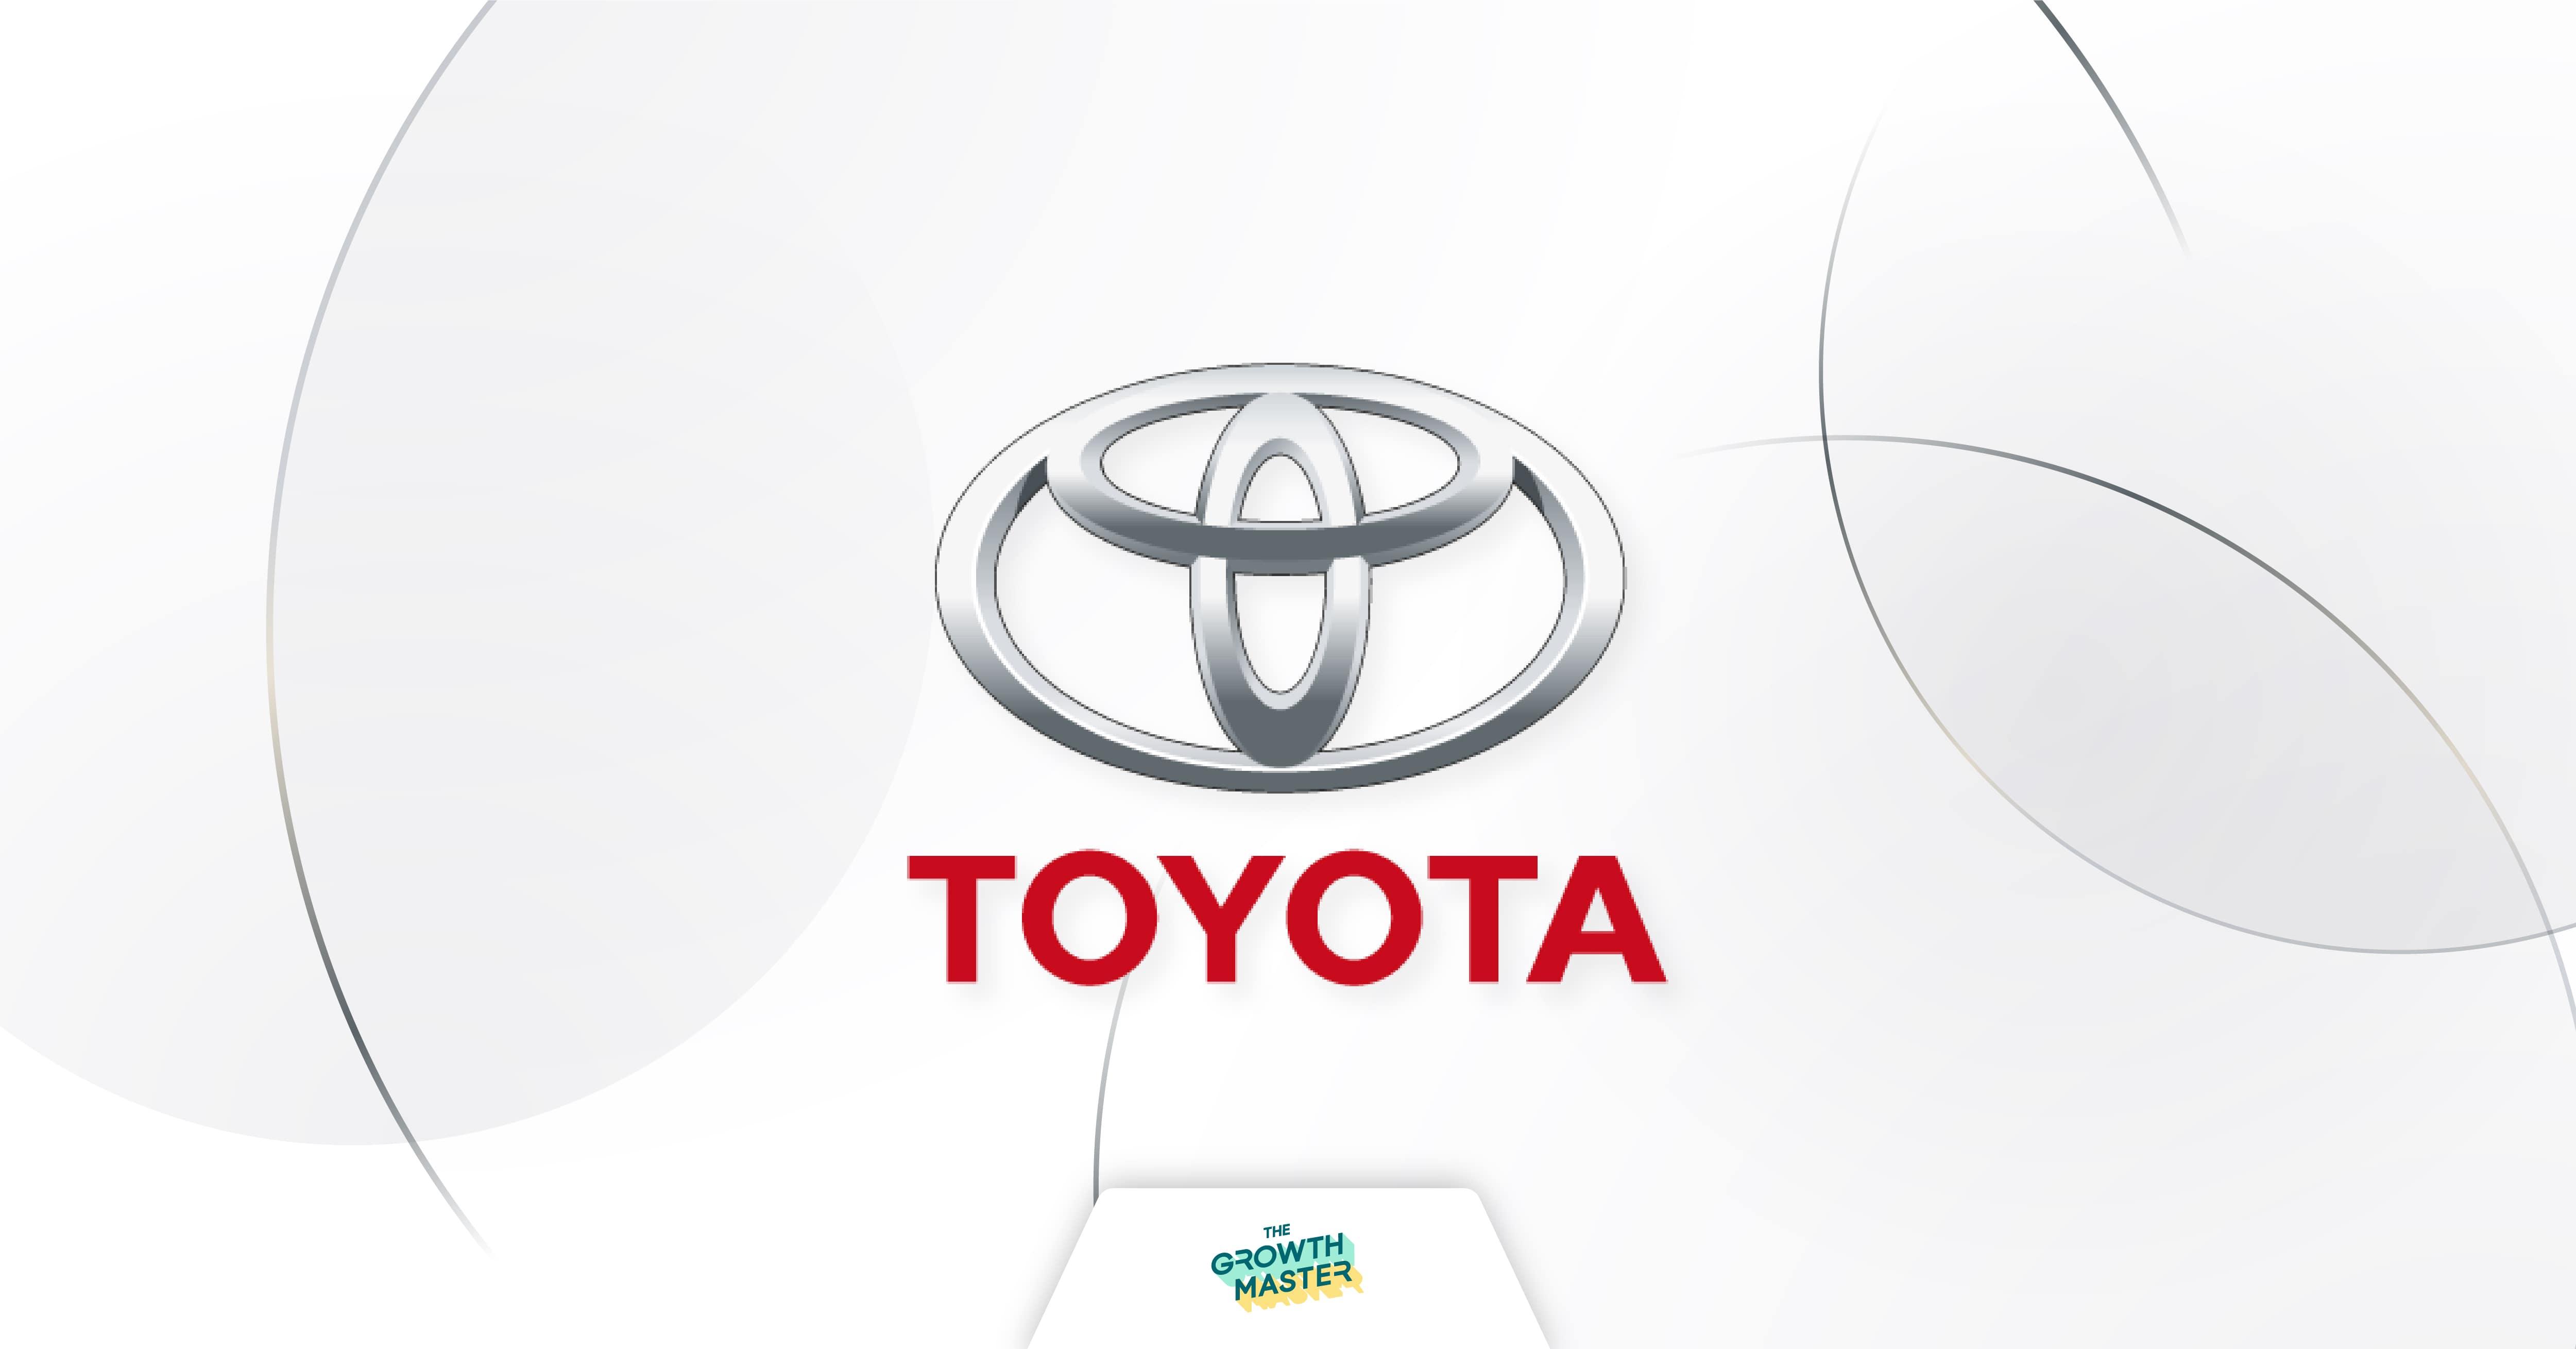 CASE STUDY : เจาะกลยุทธ์ของ Toyota รถยนต์จากแดนปลาดิบสู่ยอดขายอันดับหนึ่งของโลก